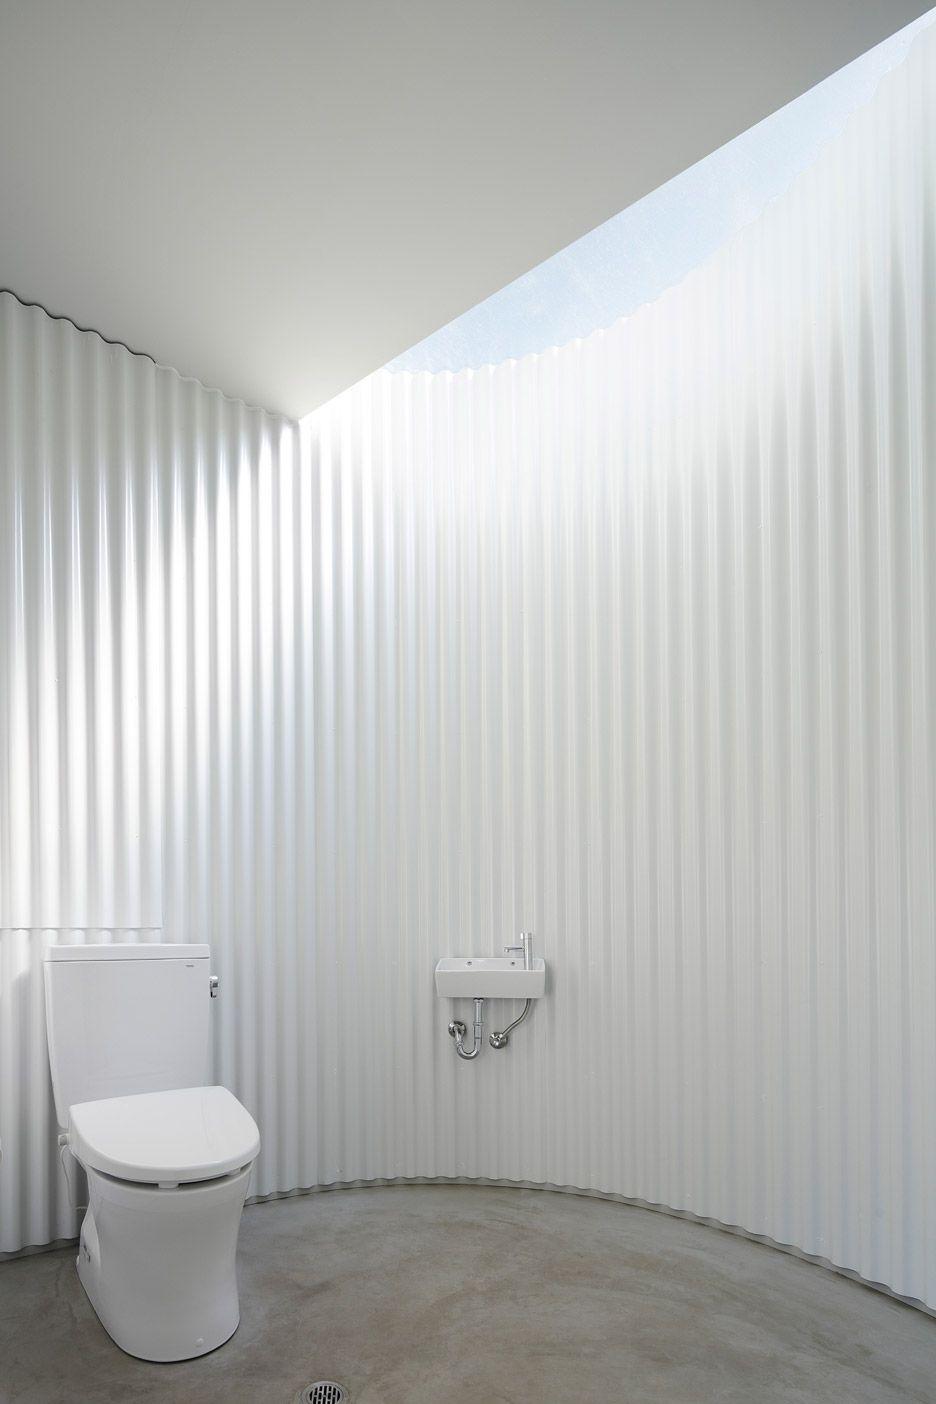 Isemachi Public Toilet by Kubo Tsushima Architects | metal sheets ...